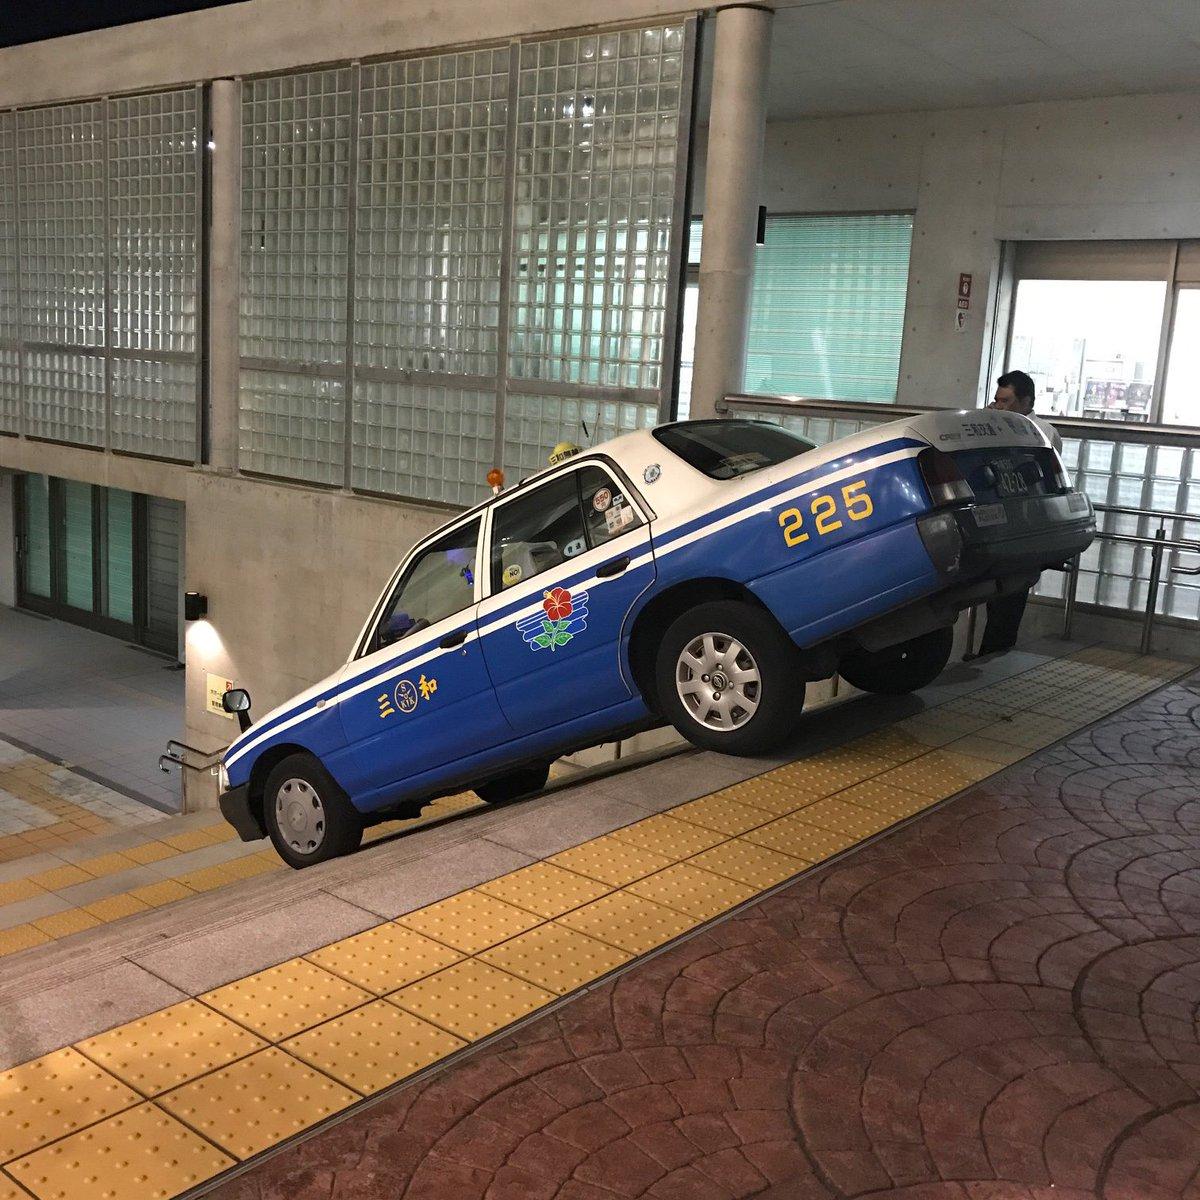 浦添市てだこホール横の階段にタクシーが突っ込みました!けが人はありません! https://t.co/UKxn56smmJ